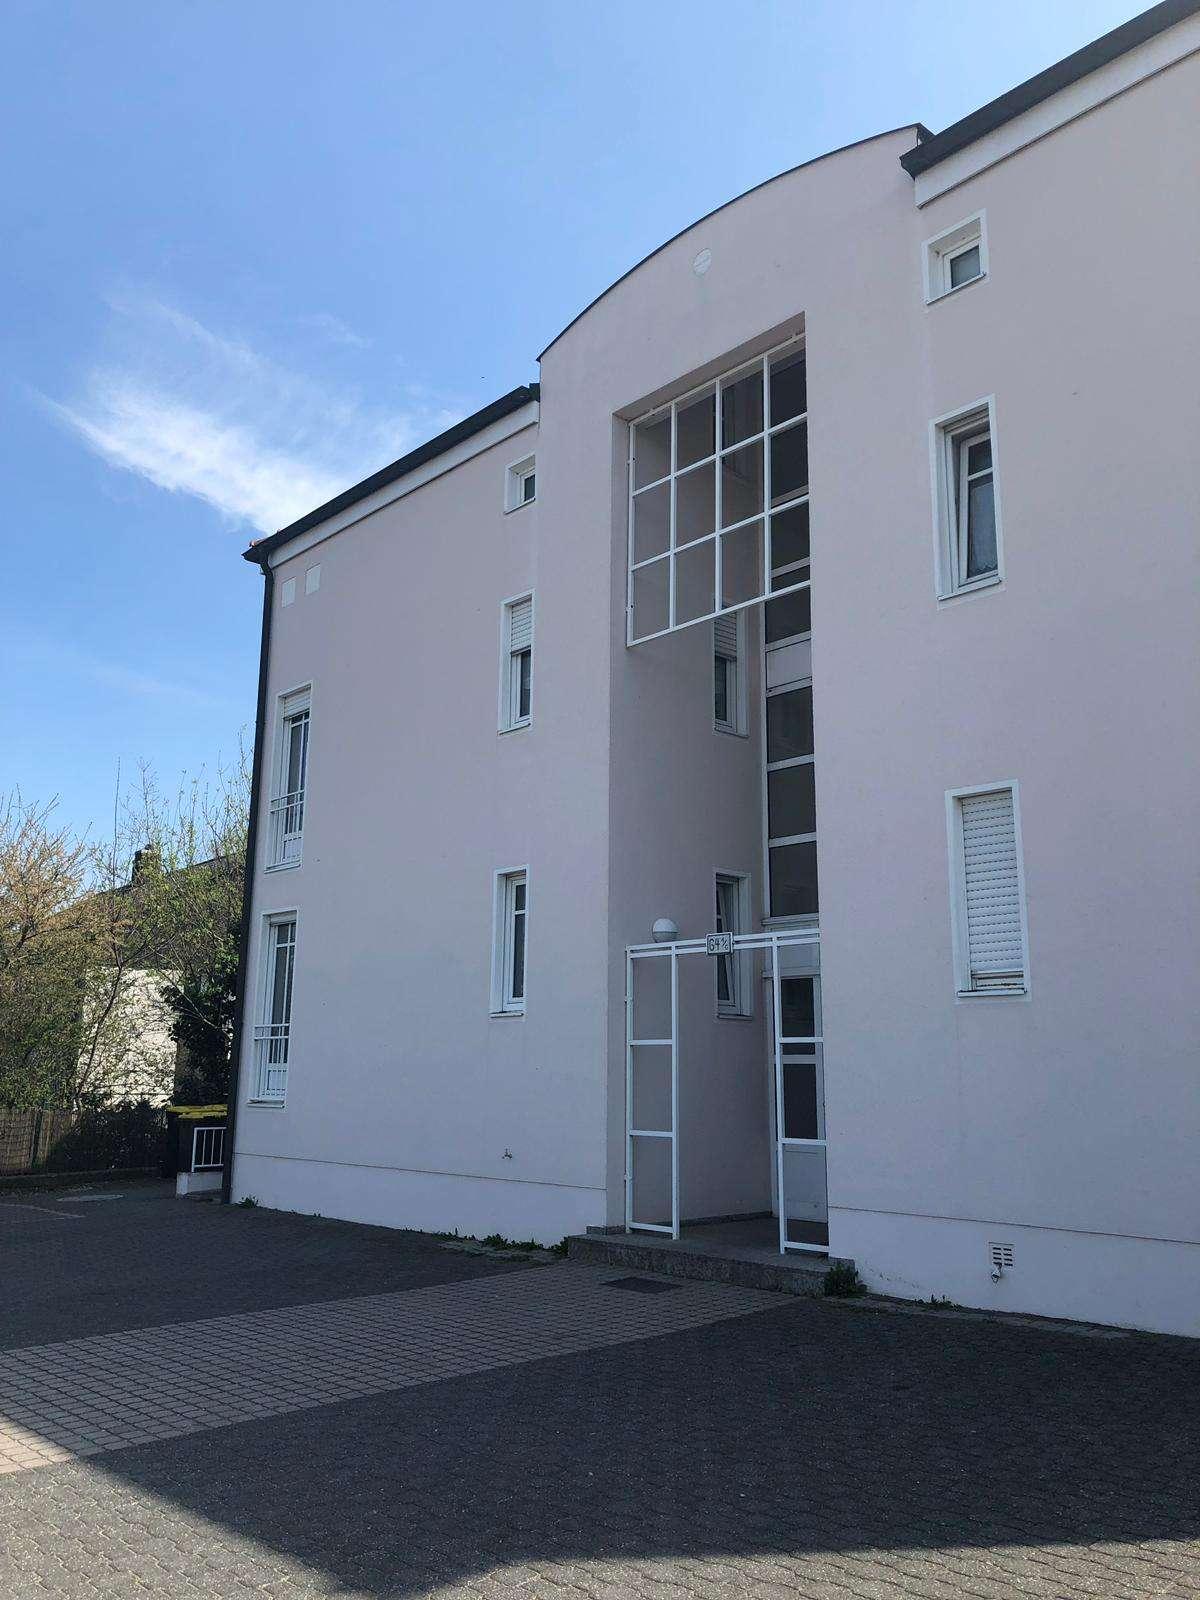 Schöne, helle,  gräumige Erdgeschosswohnung mit Balkon zu vermieten